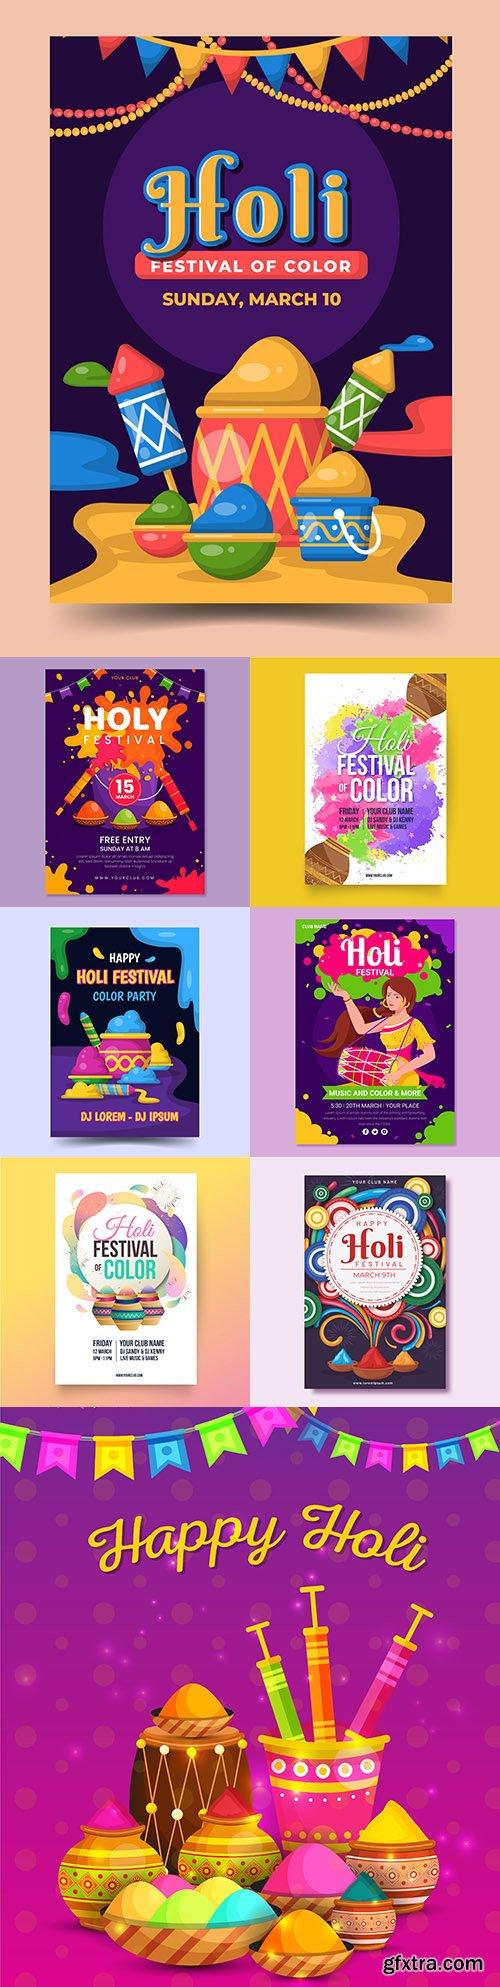 Happy Holi festival bright design poster template